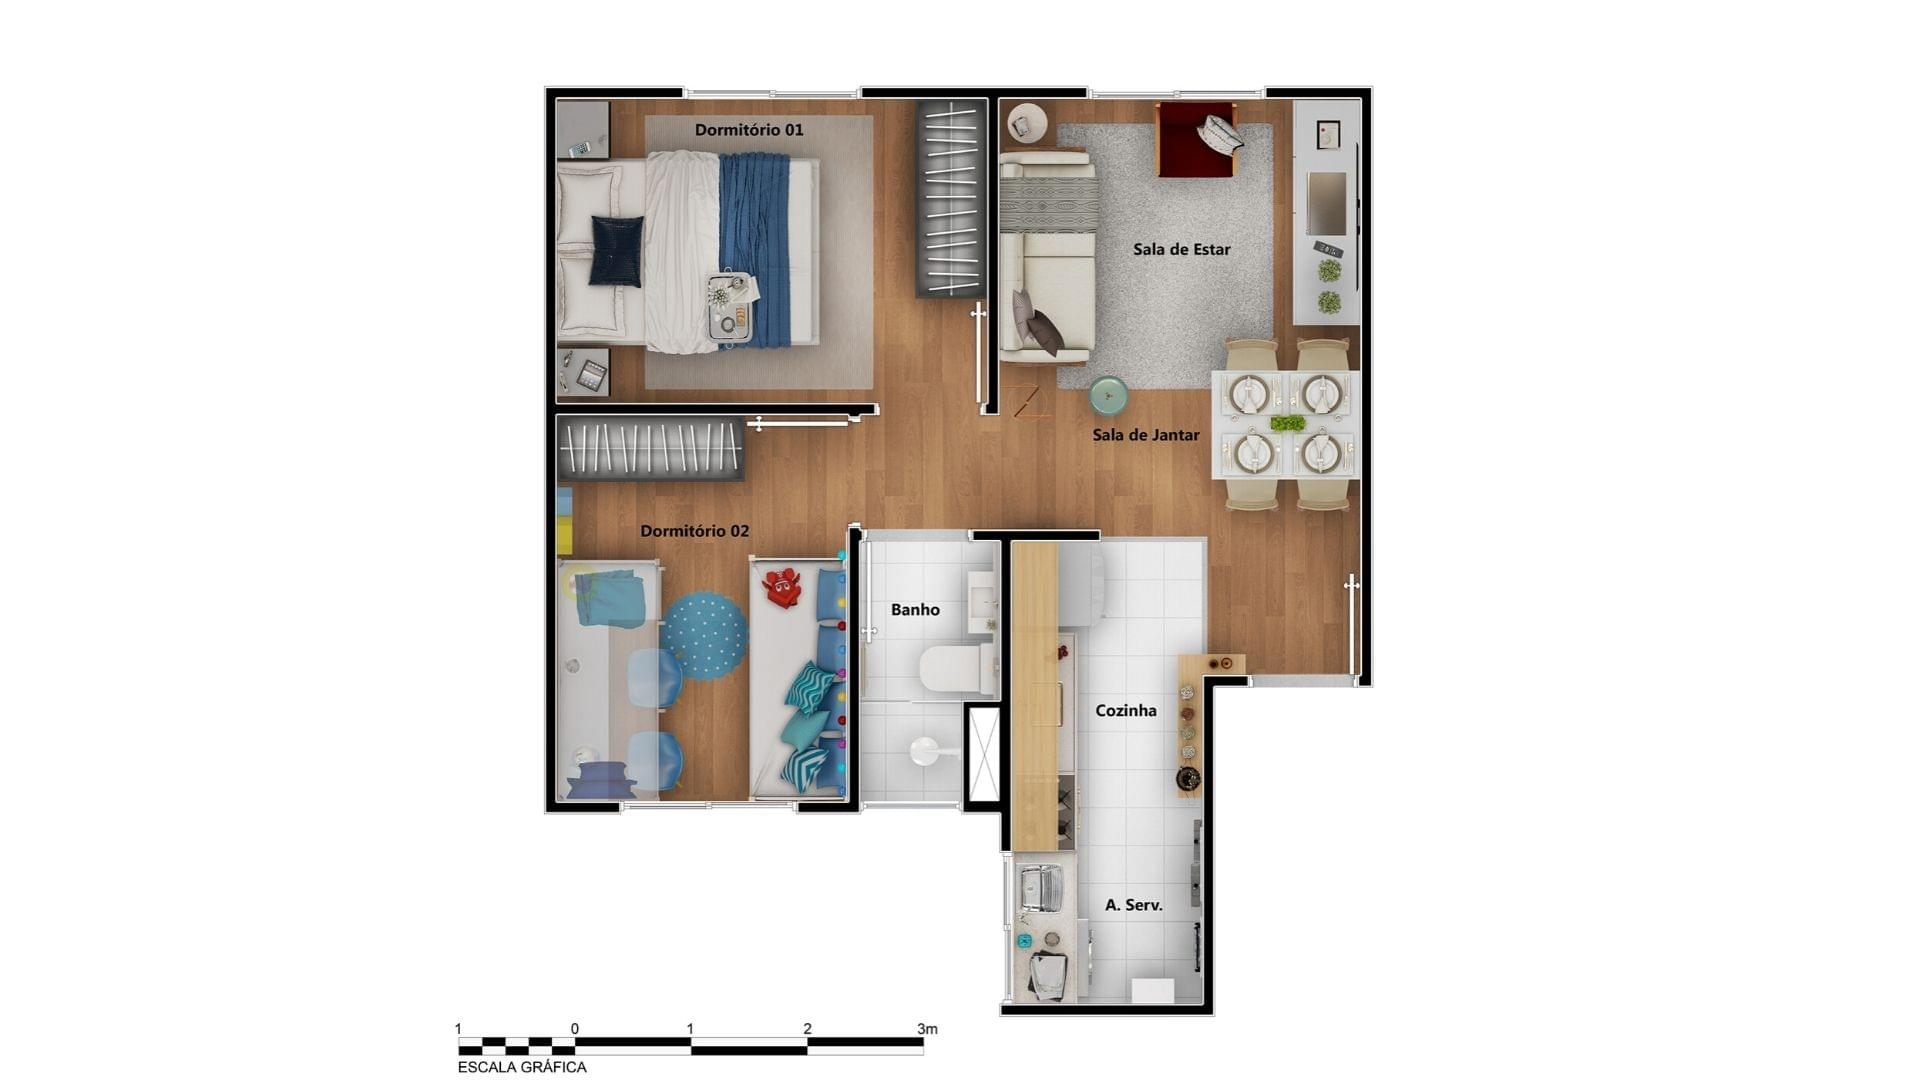 Planta de apartamento em Nova Primavera I | Canoas | RS | planta 1 | tenda.com